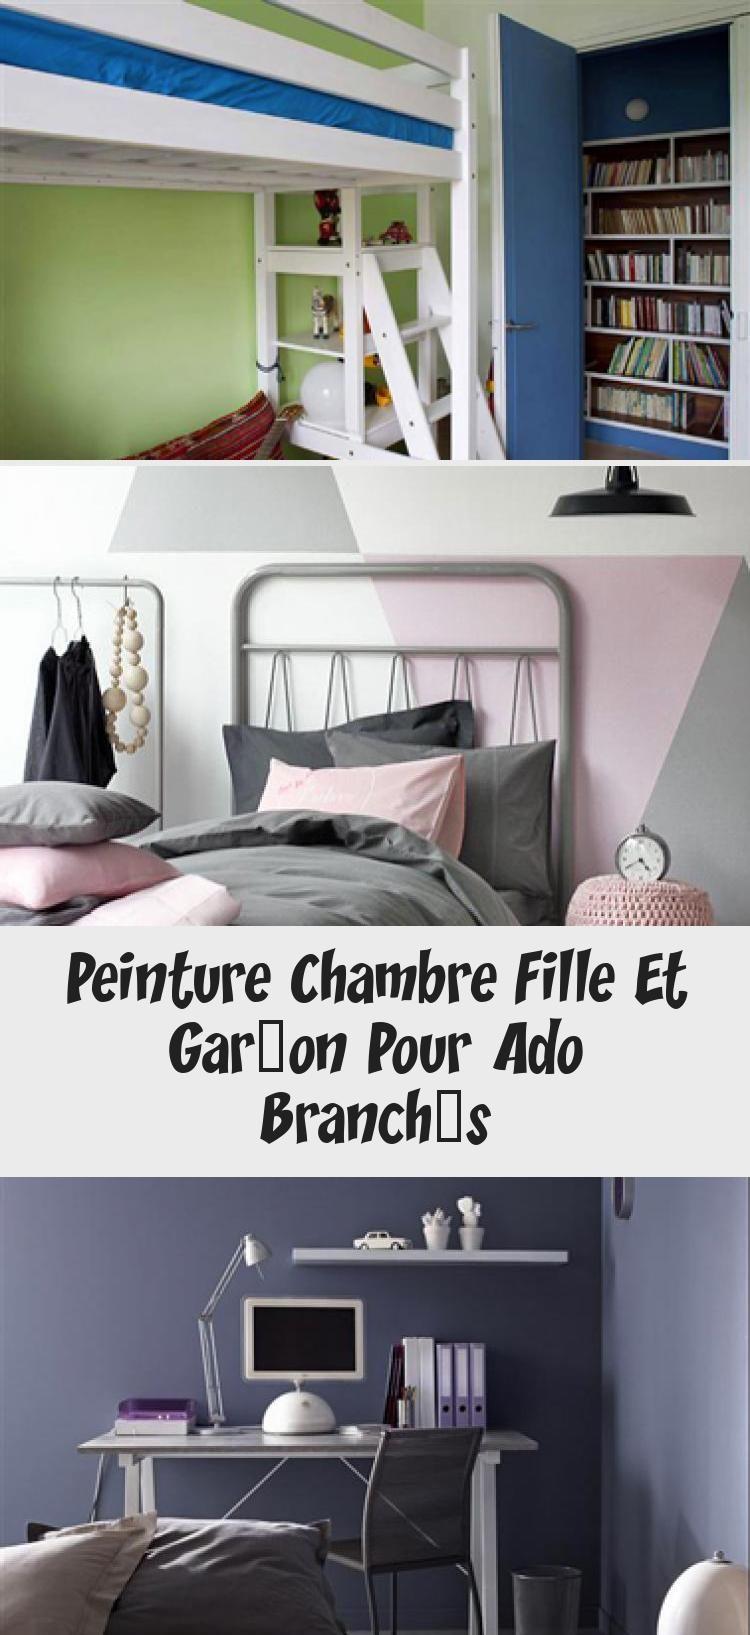 Peinture Chambre Fille Et Garcon Pour Ado Branches Bed Home Decor Loft Bed